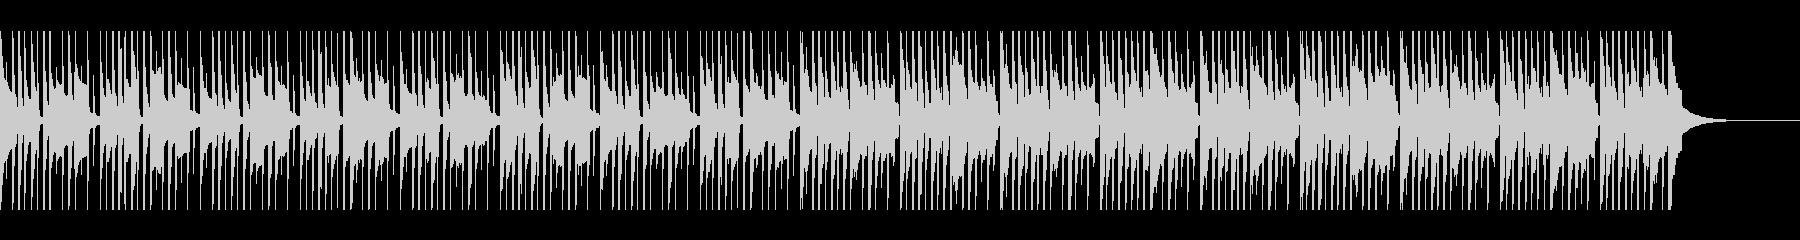 マリンバ コミカルな雰囲気の未再生の波形